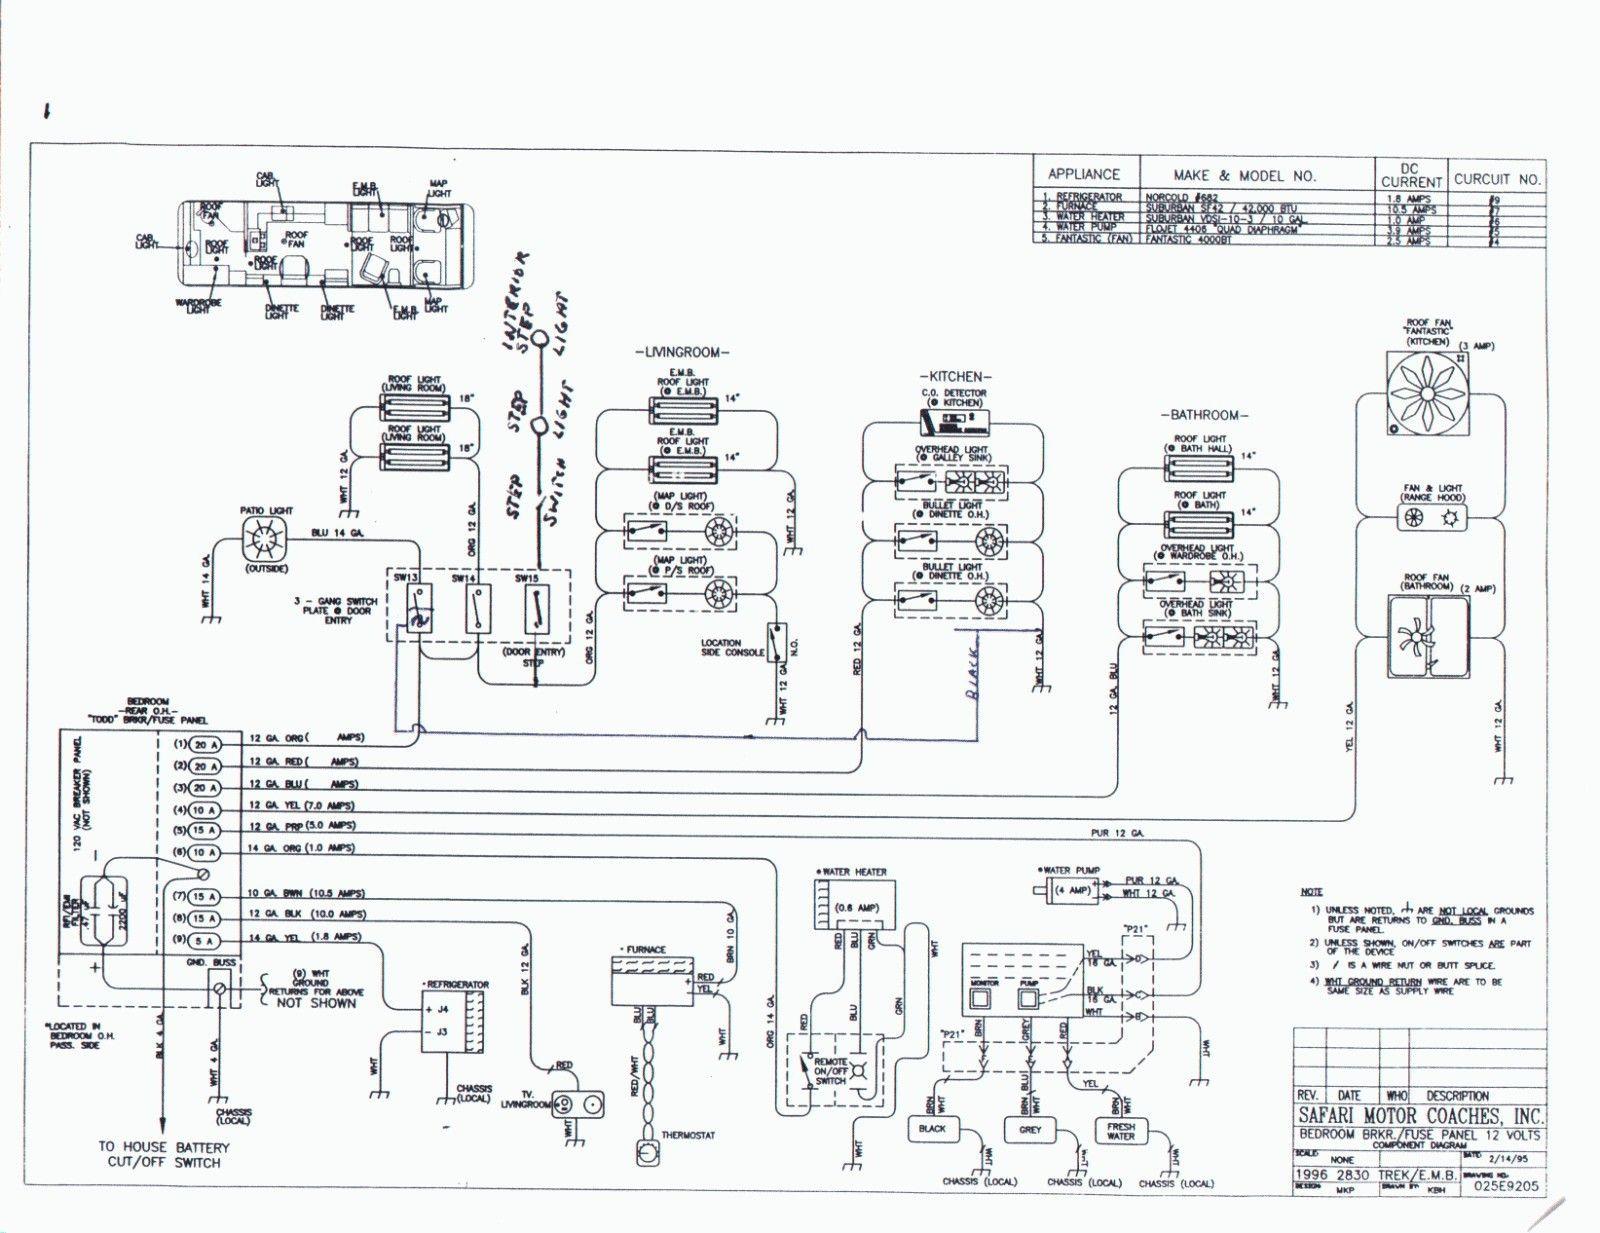 New Wiring Diagram Gfci Breaker Diagram Diagramsample